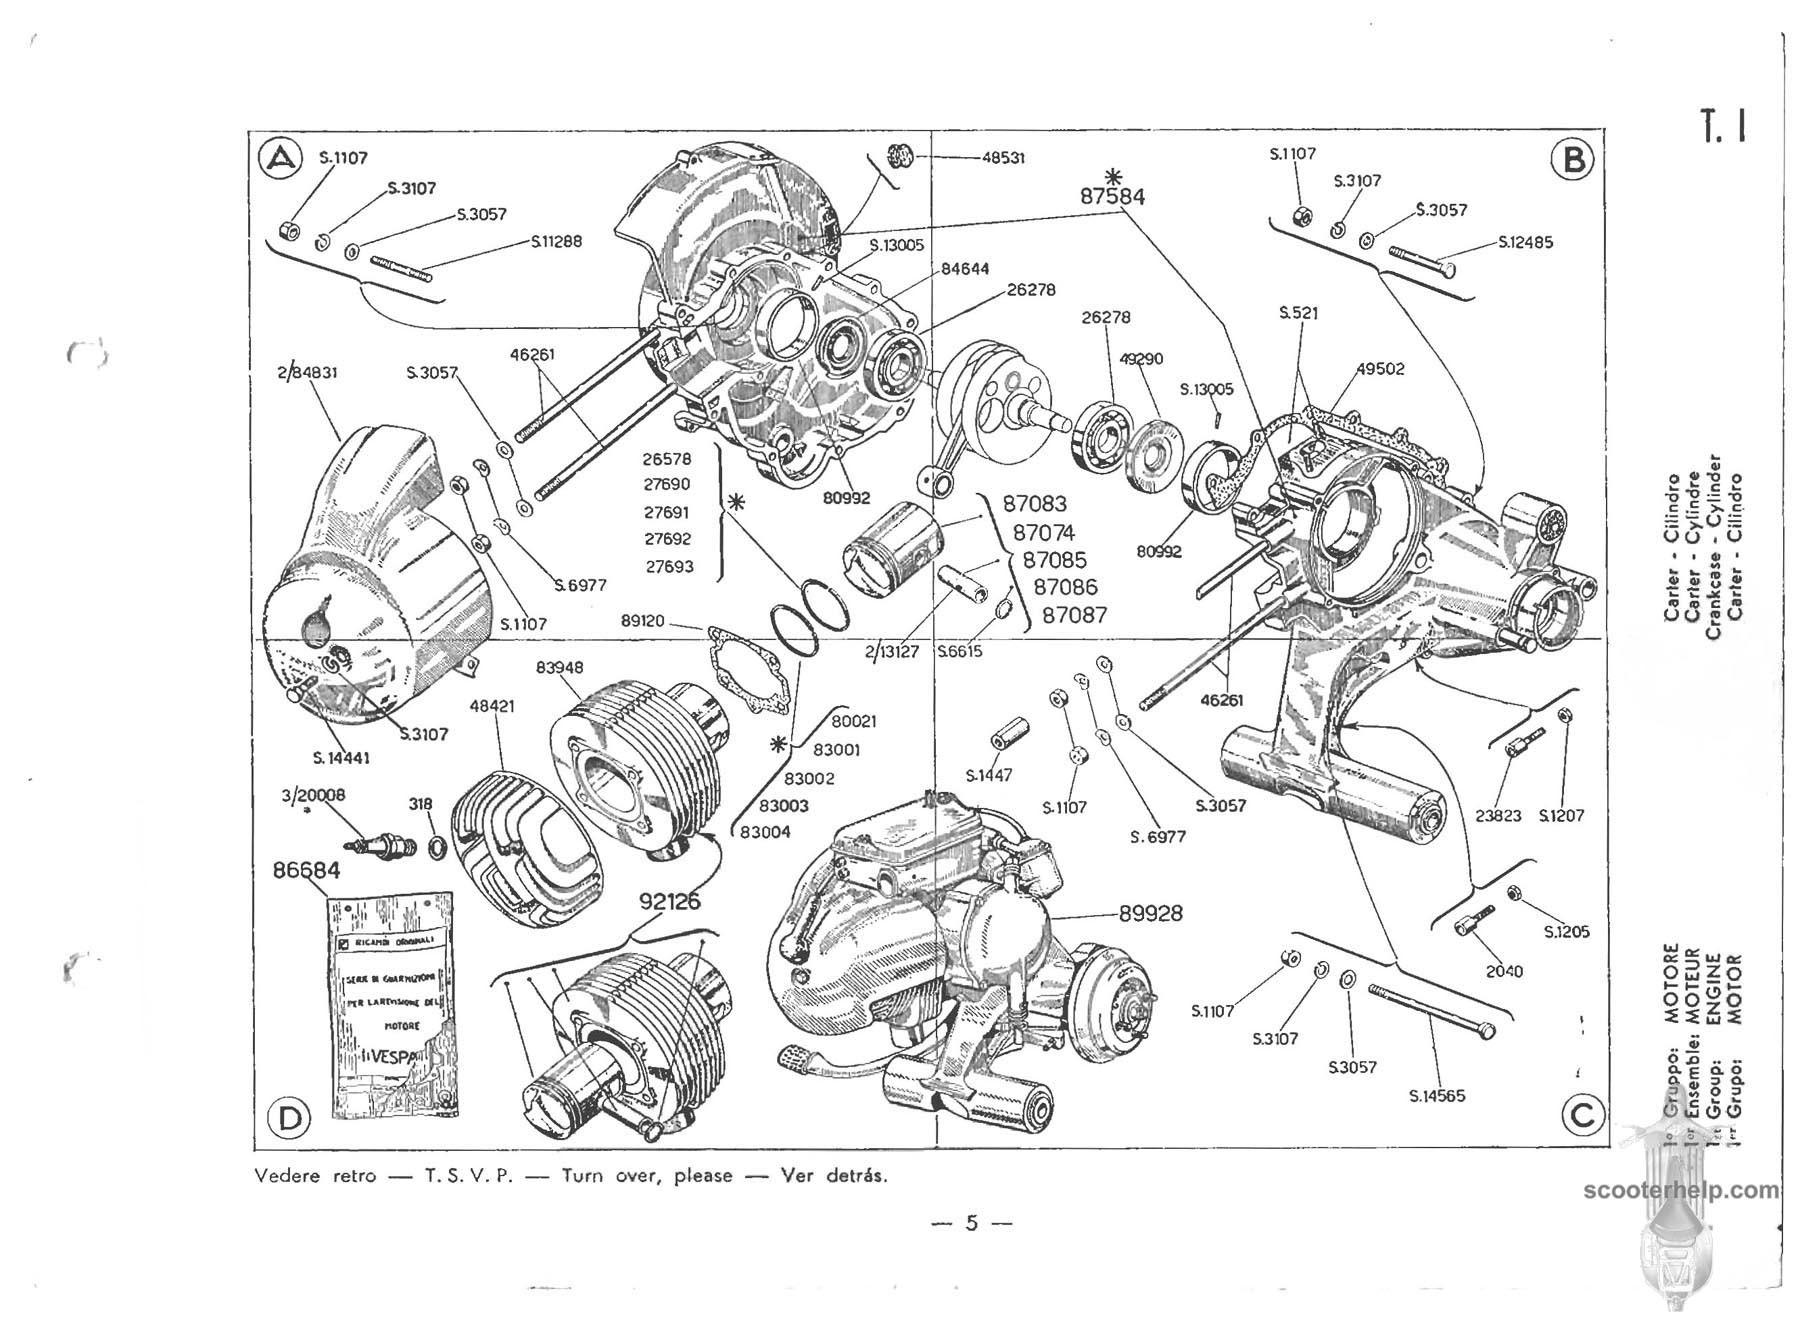 Vespa Engine Diagram